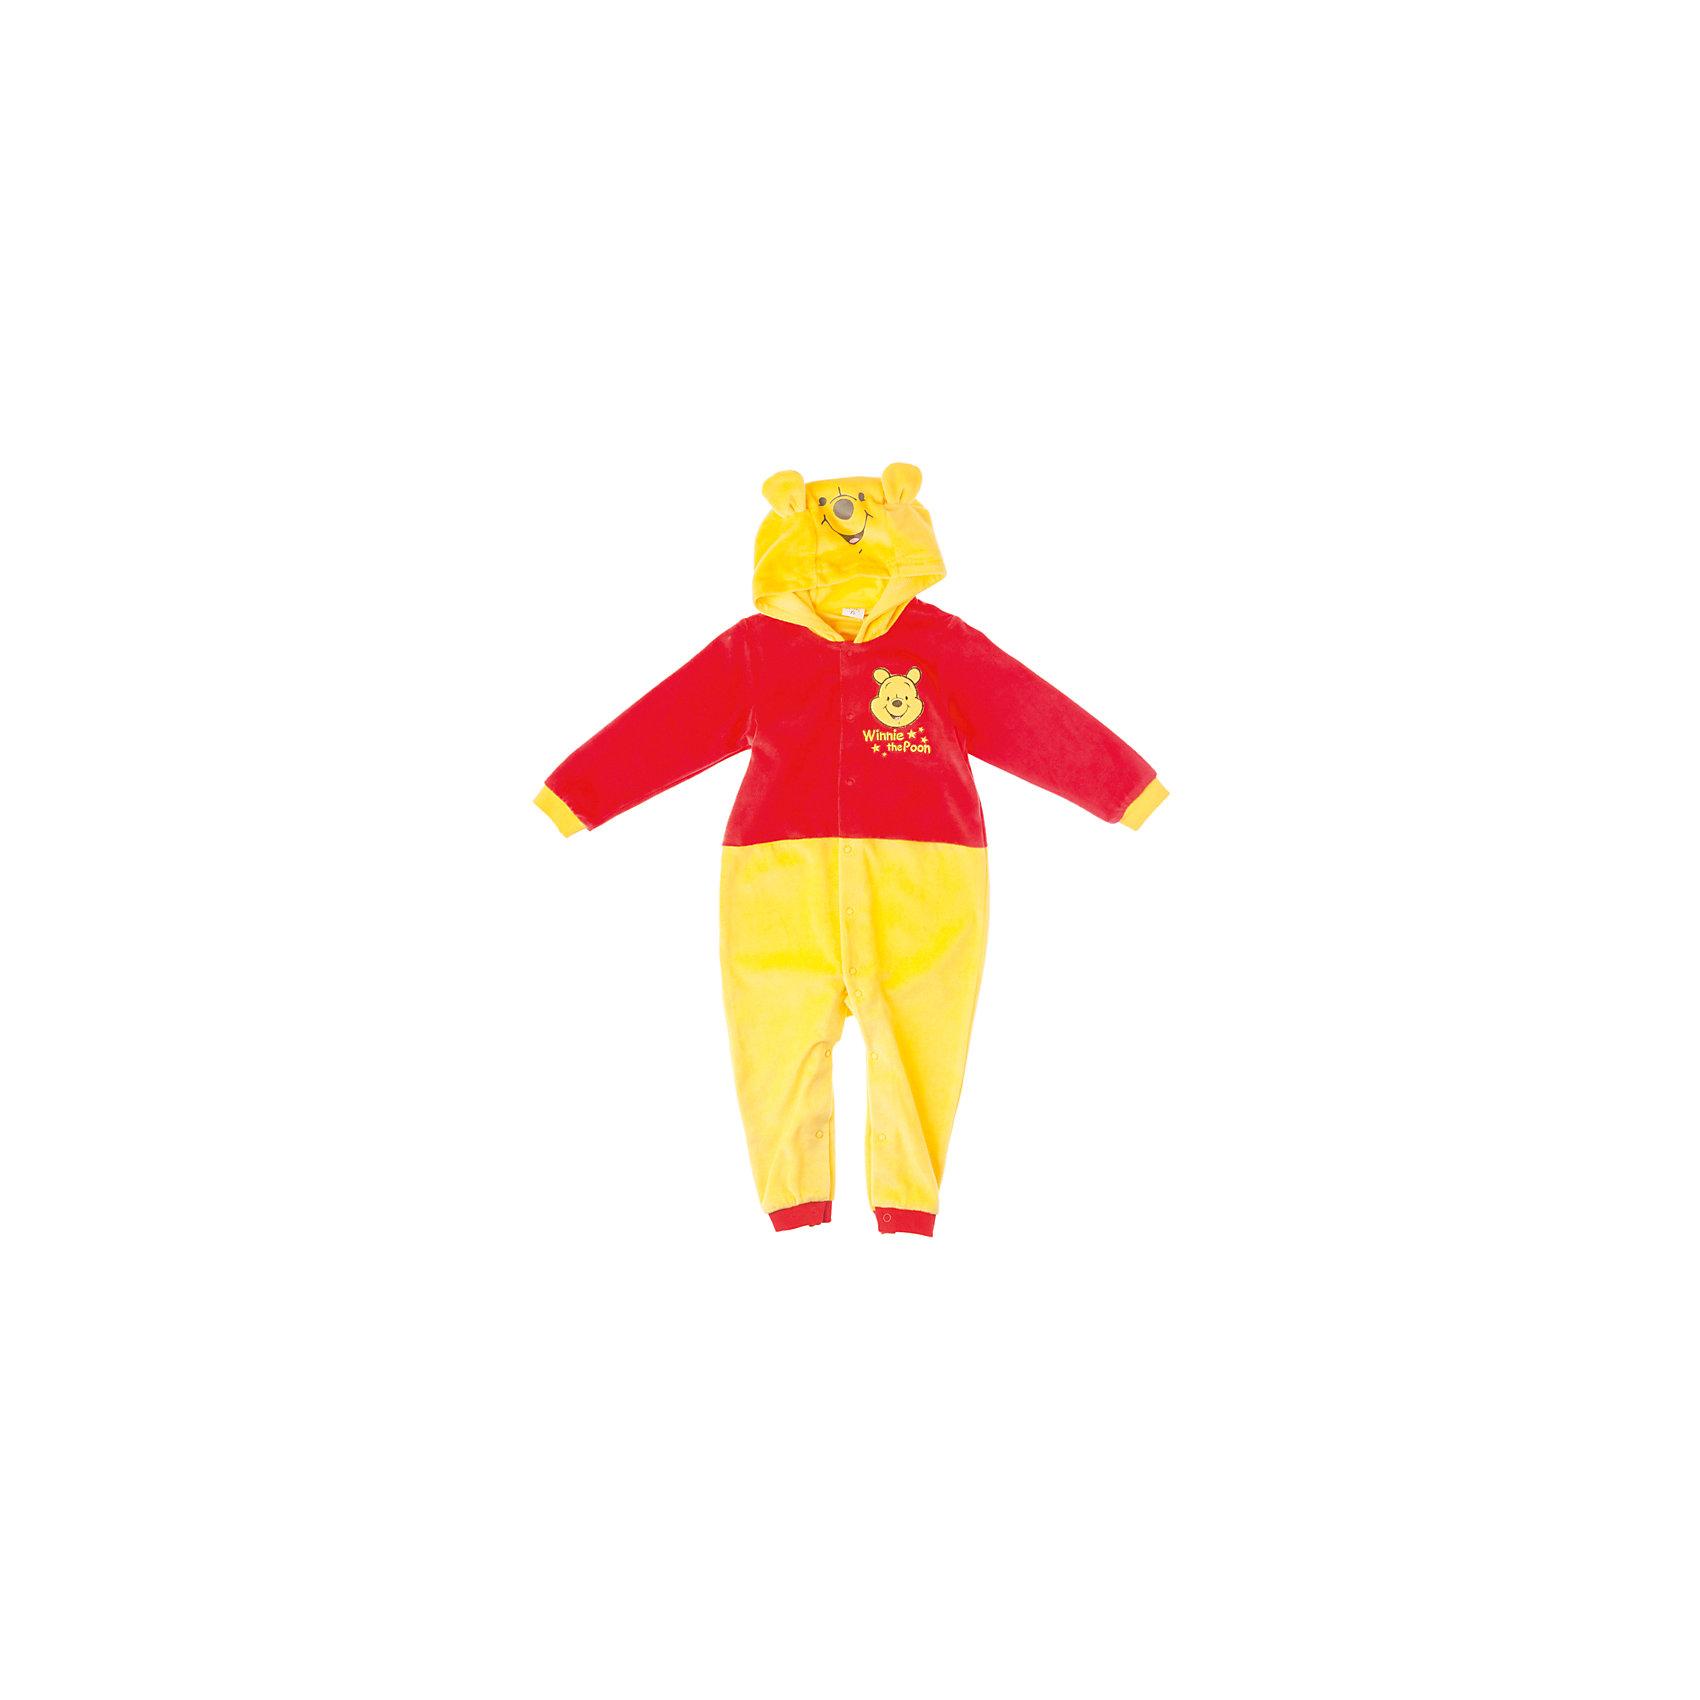 Комбинезон для мальчика PlayTodayКомбинезон для мальчика PlayToday <br><br>Состав: 80% хлопок, 20% полиэстер <br><br>Малыш будет выглядеть мило и забавно в мягком костюме Винни-Пуха. <br>Спереди удобные застежки-кнопочки. <br>На капюшоне есть ушки.<br><br>Ширина мм: 157<br>Глубина мм: 13<br>Высота мм: 119<br>Вес г: 200<br>Цвет: желтый<br>Возраст от месяцев: 6<br>Возраст до месяцев: 9<br>Пол: Мужской<br>Возраст: Детский<br>Размер: 74,86,92,80,68<br>SKU: 4305563